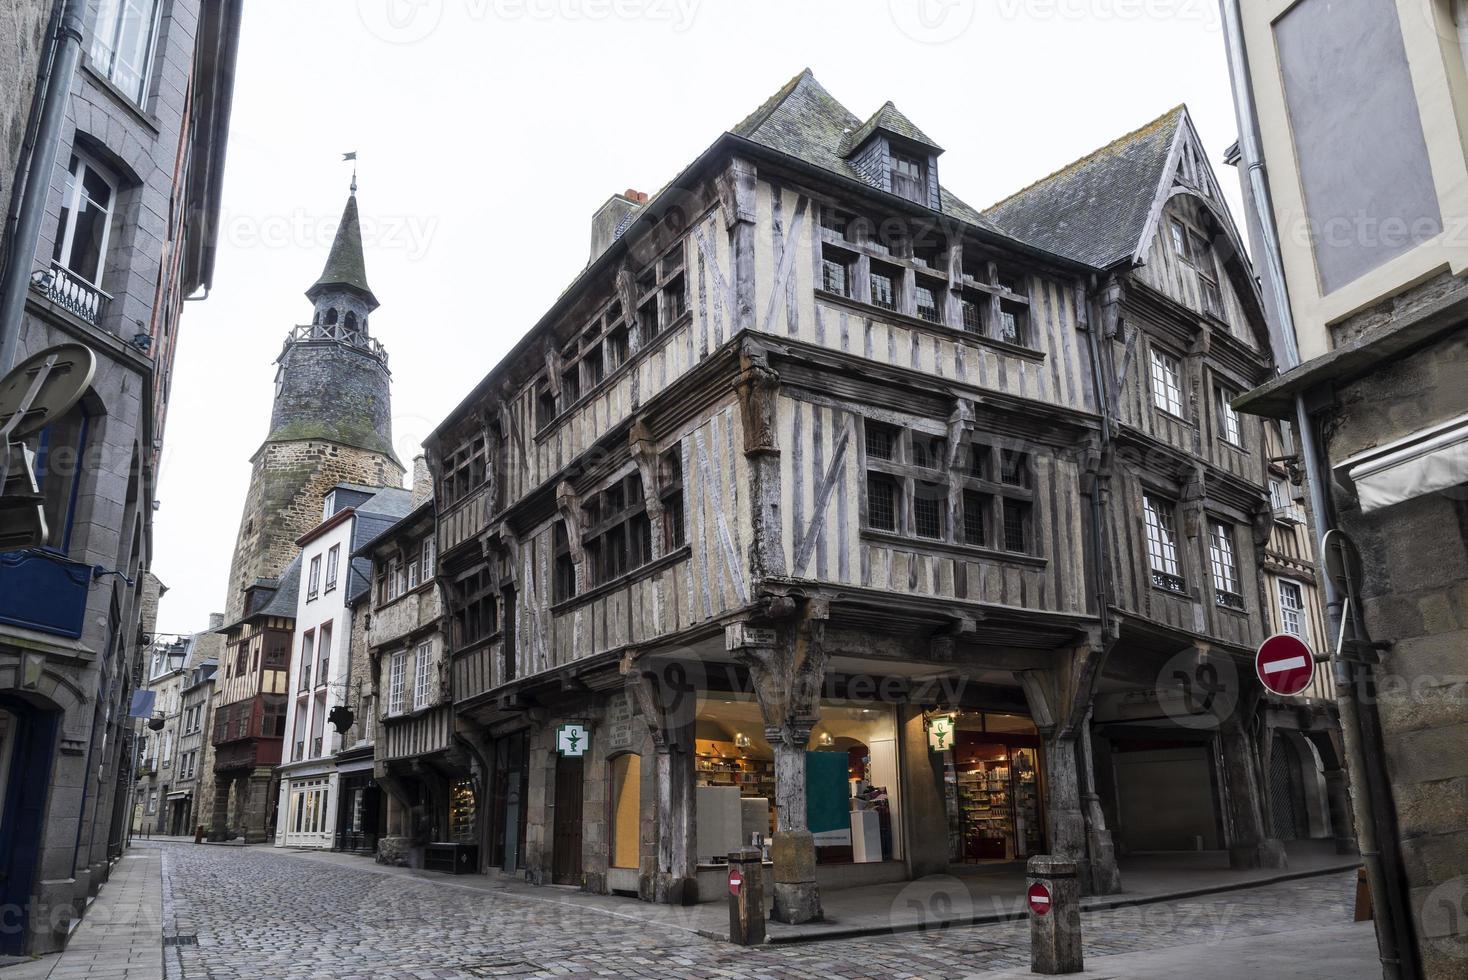 mittelalterliche Konstruktionen in der Bretagne, Frankreich foto